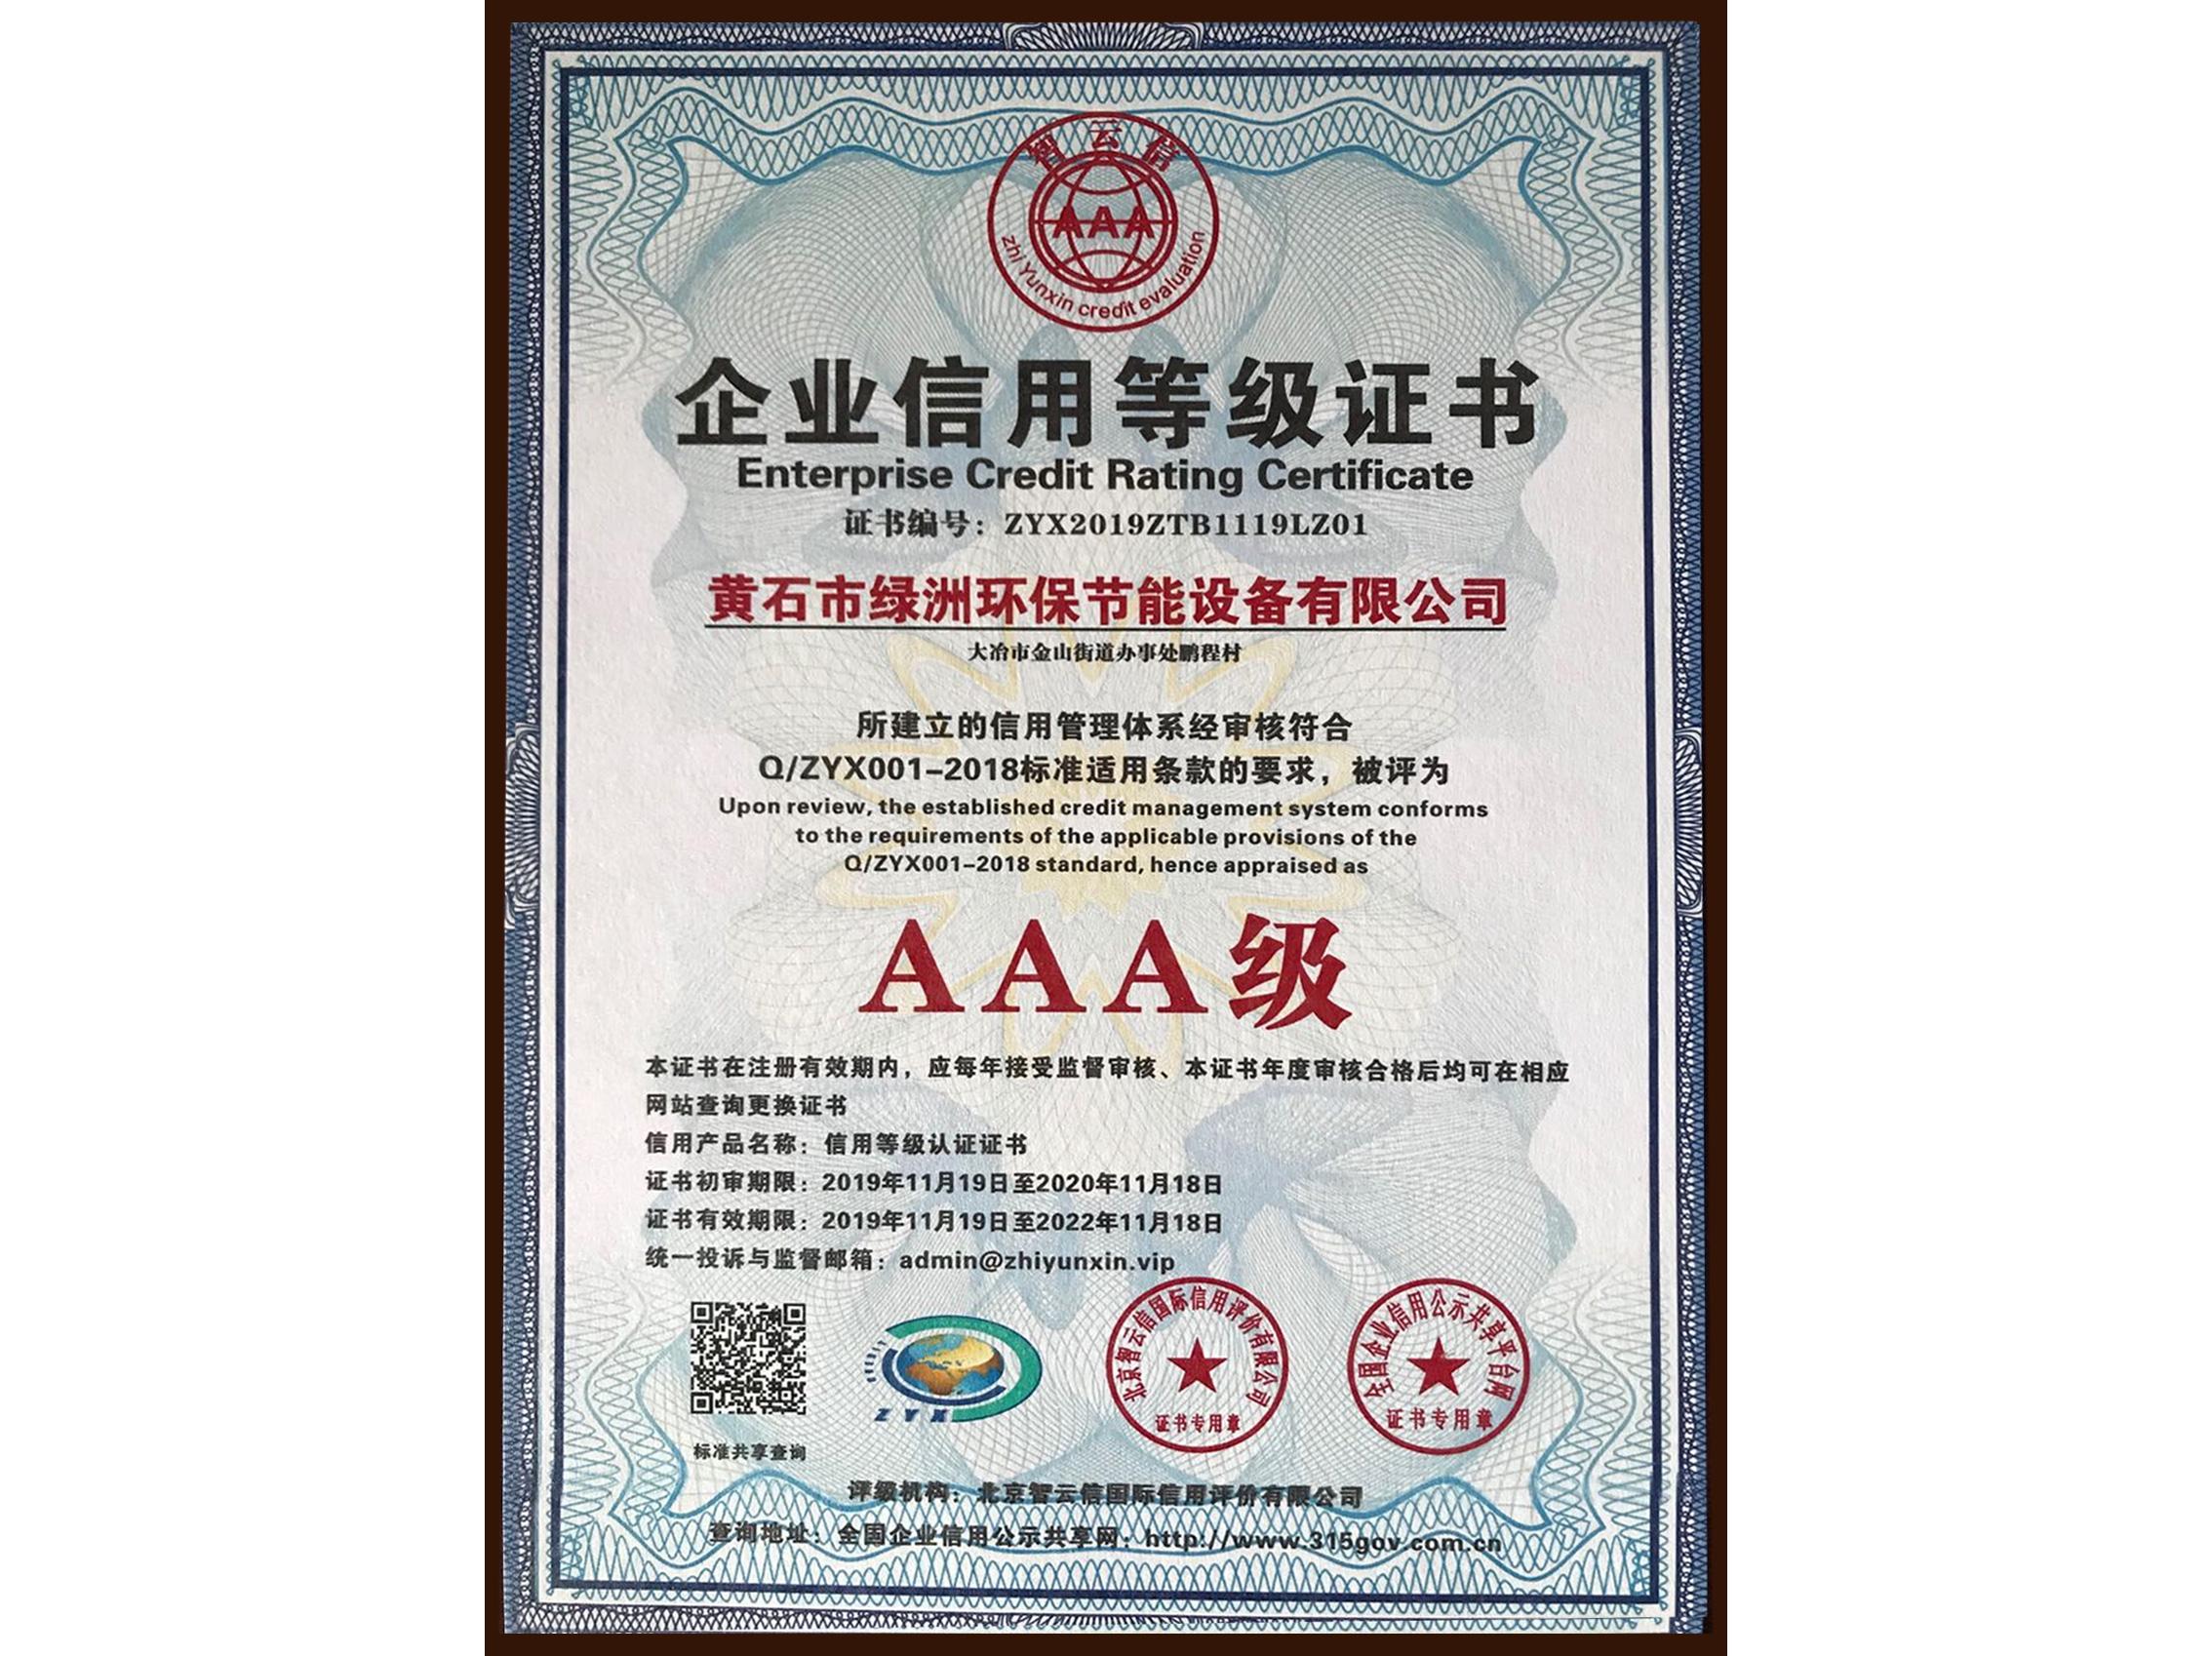 企業信用等級AAA級證書